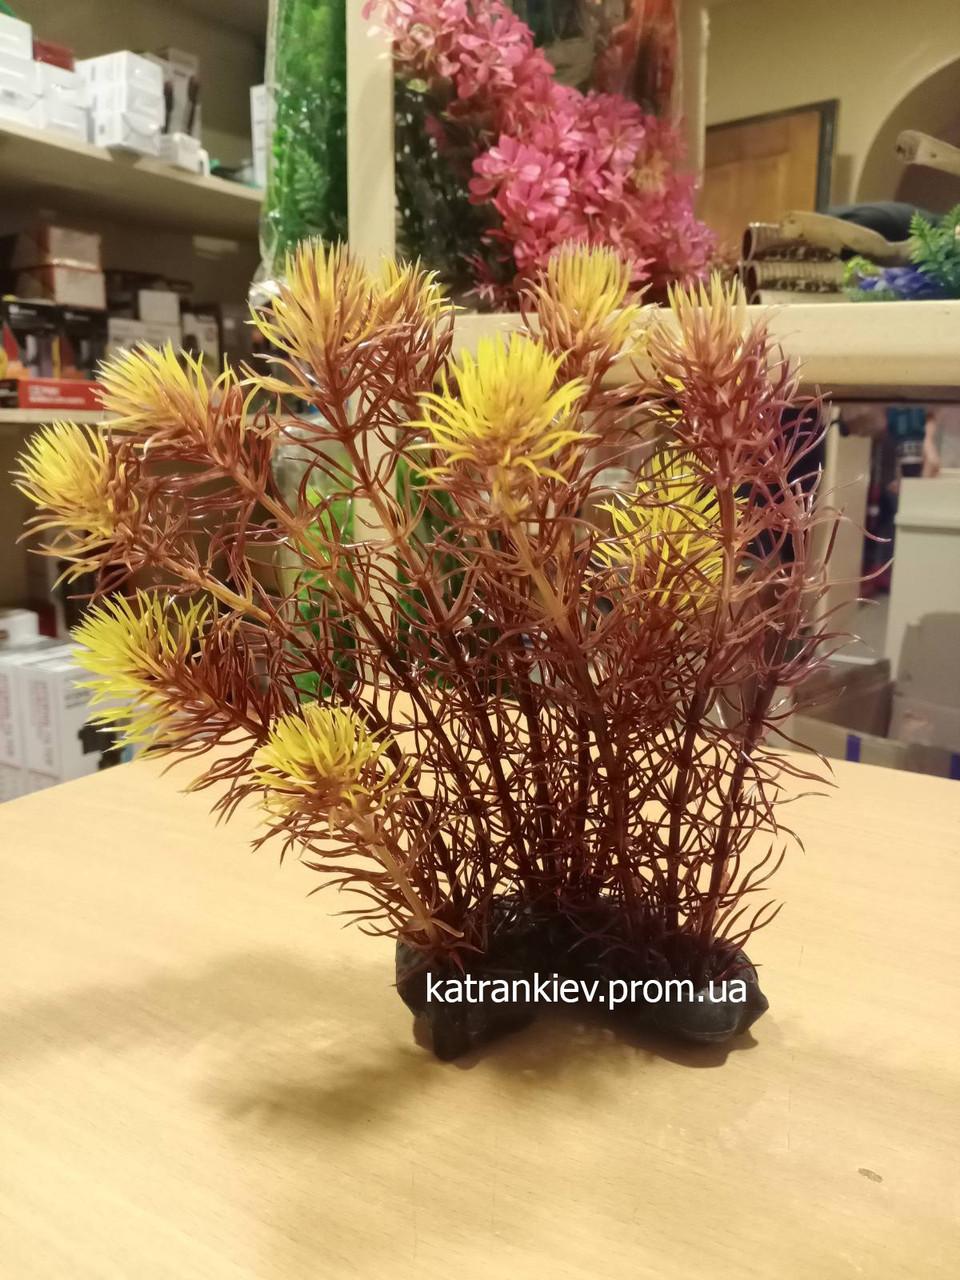 Штучне рослина в акваріум minjiang В42201 (11*15*20 см)